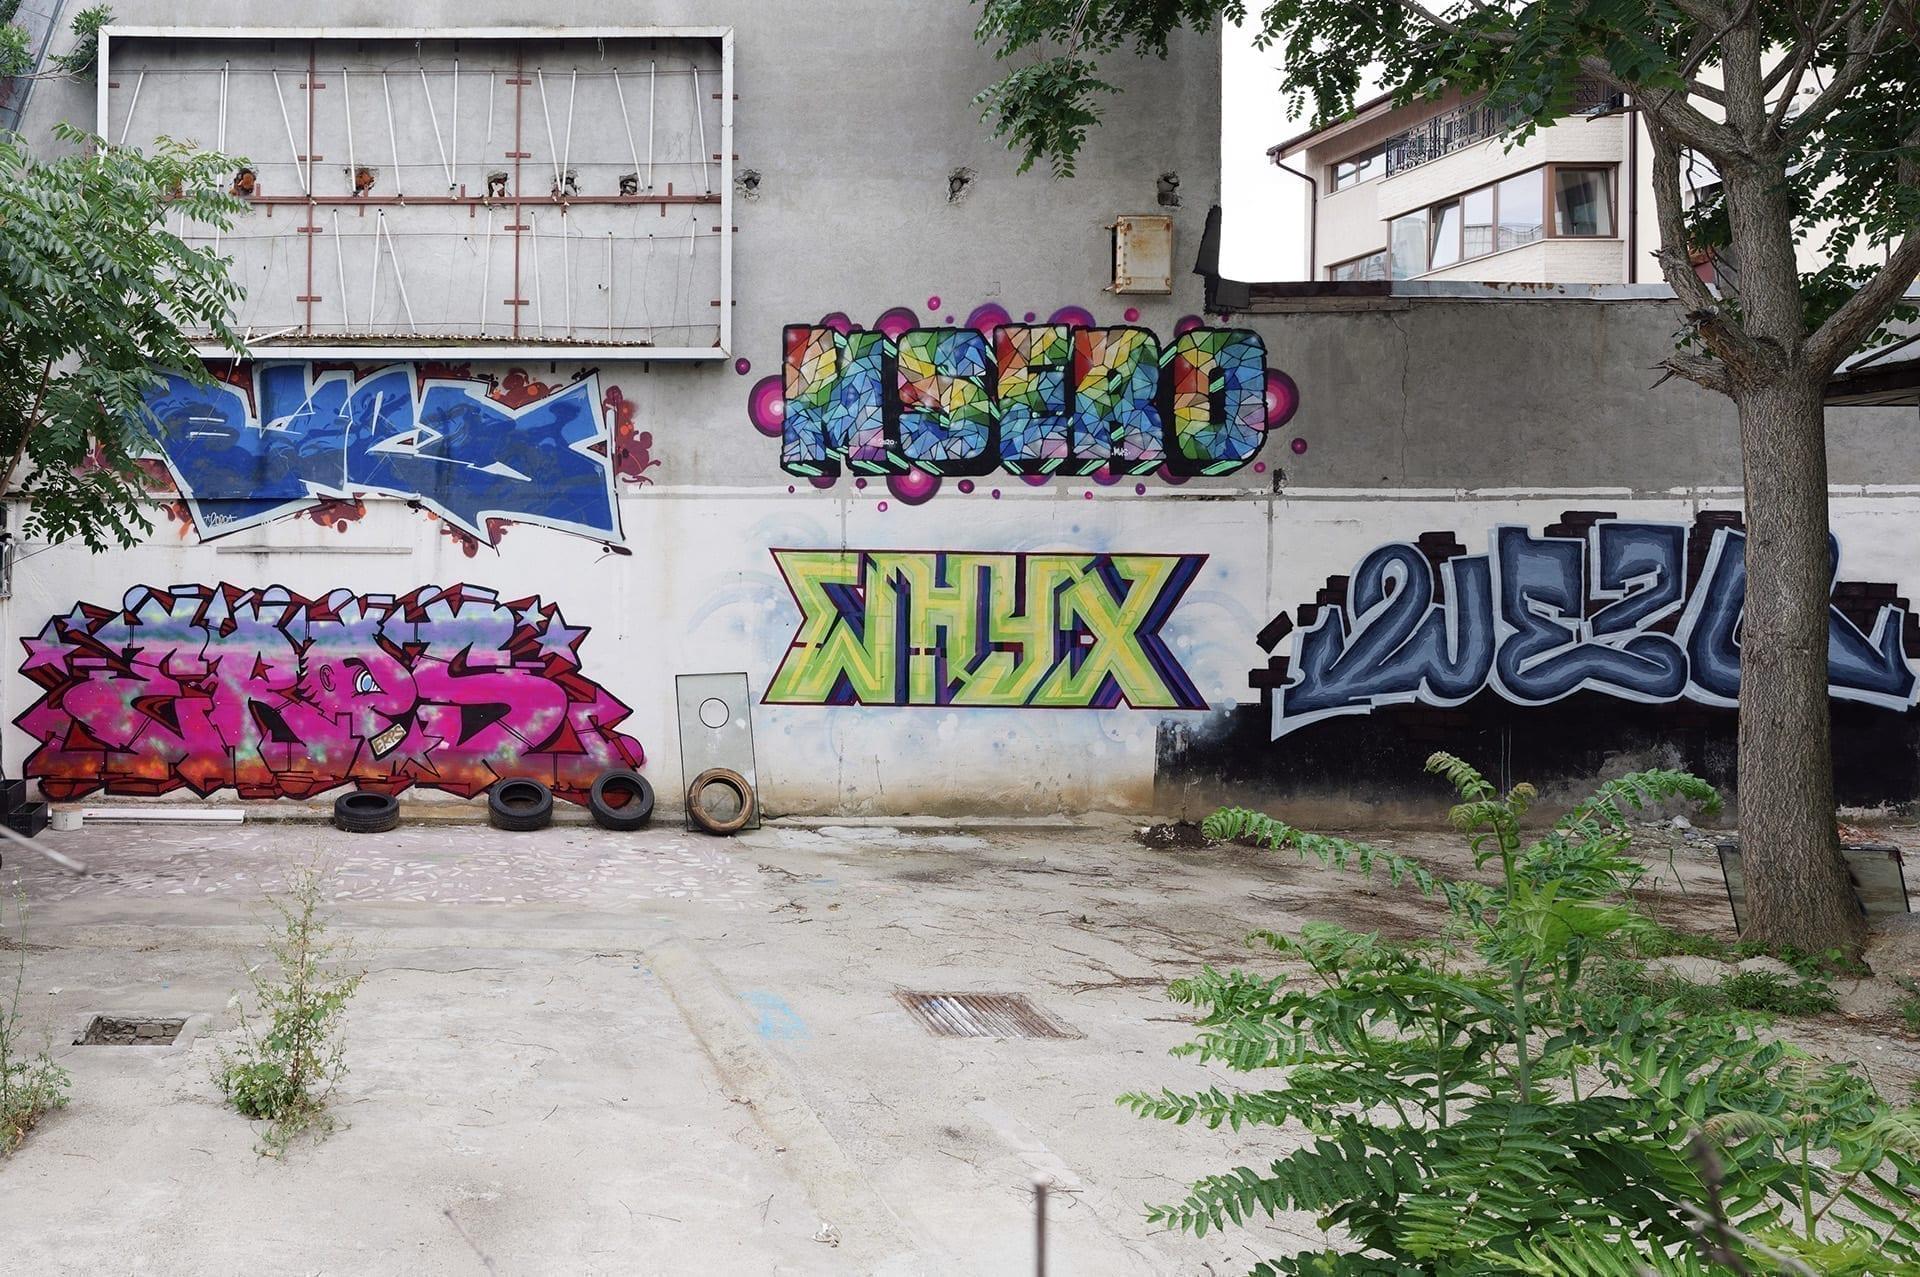 Biex, MSERO, ERPS, WHYX, WEZO graffiti Bucharest, Calea Floreasa 2020